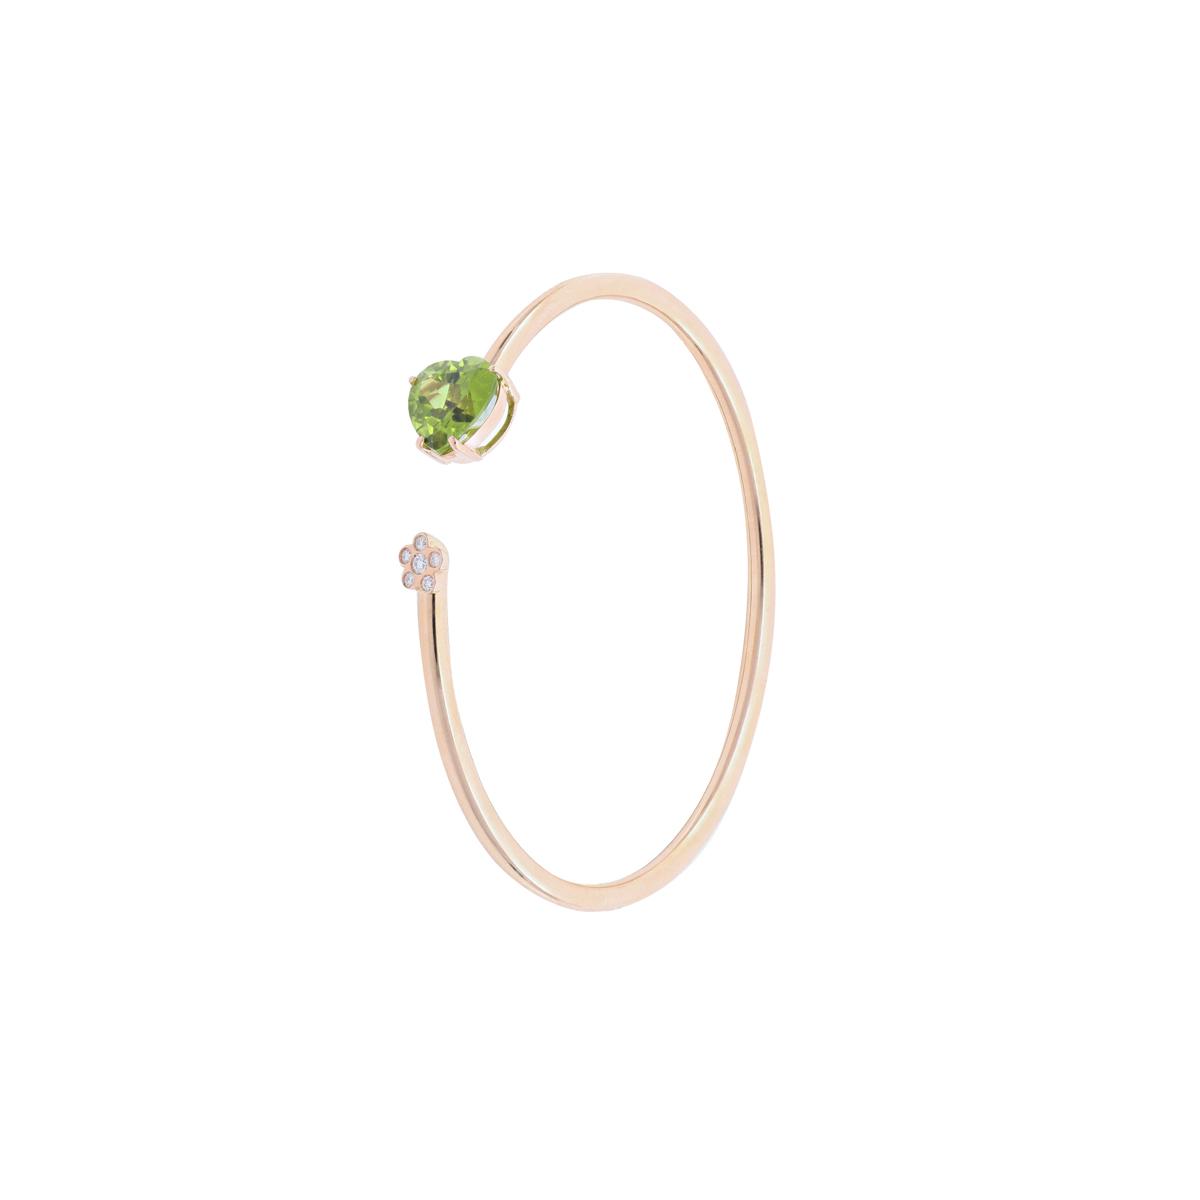 Peridot and Diamond Open-Cuff Bangle Bracelet